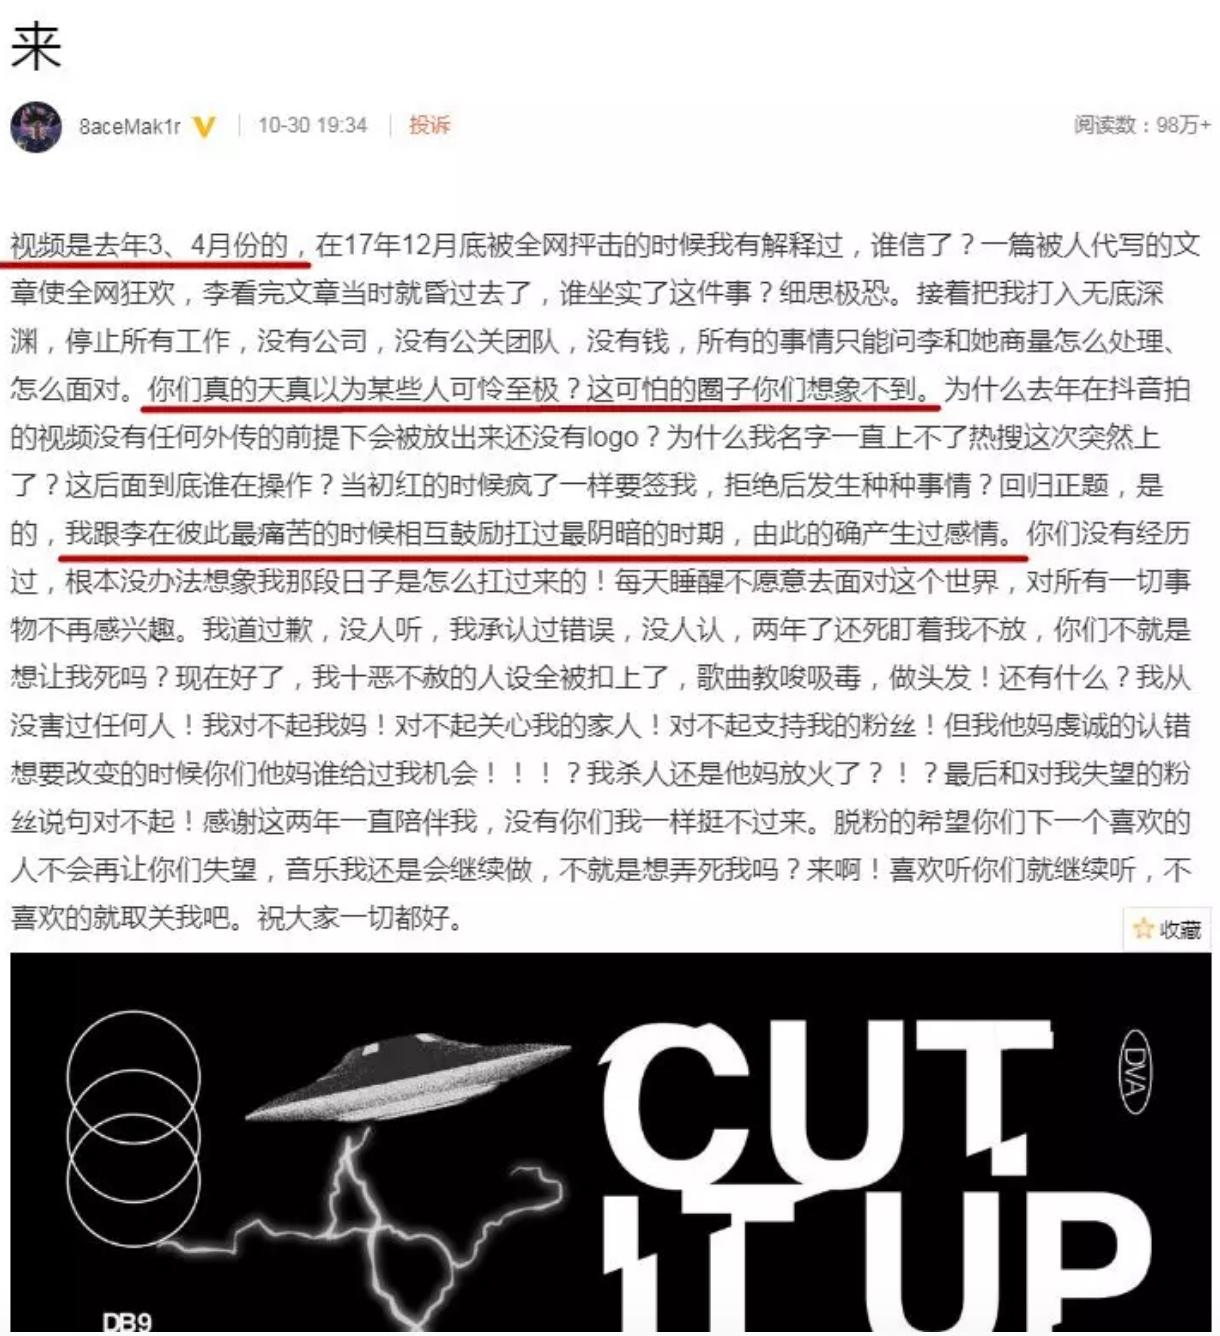 """""""夜宿门""""主角李小璐和PGone再发3部视频,一波毫无征兆的实锤 liuliushe.net六六社 第35张"""